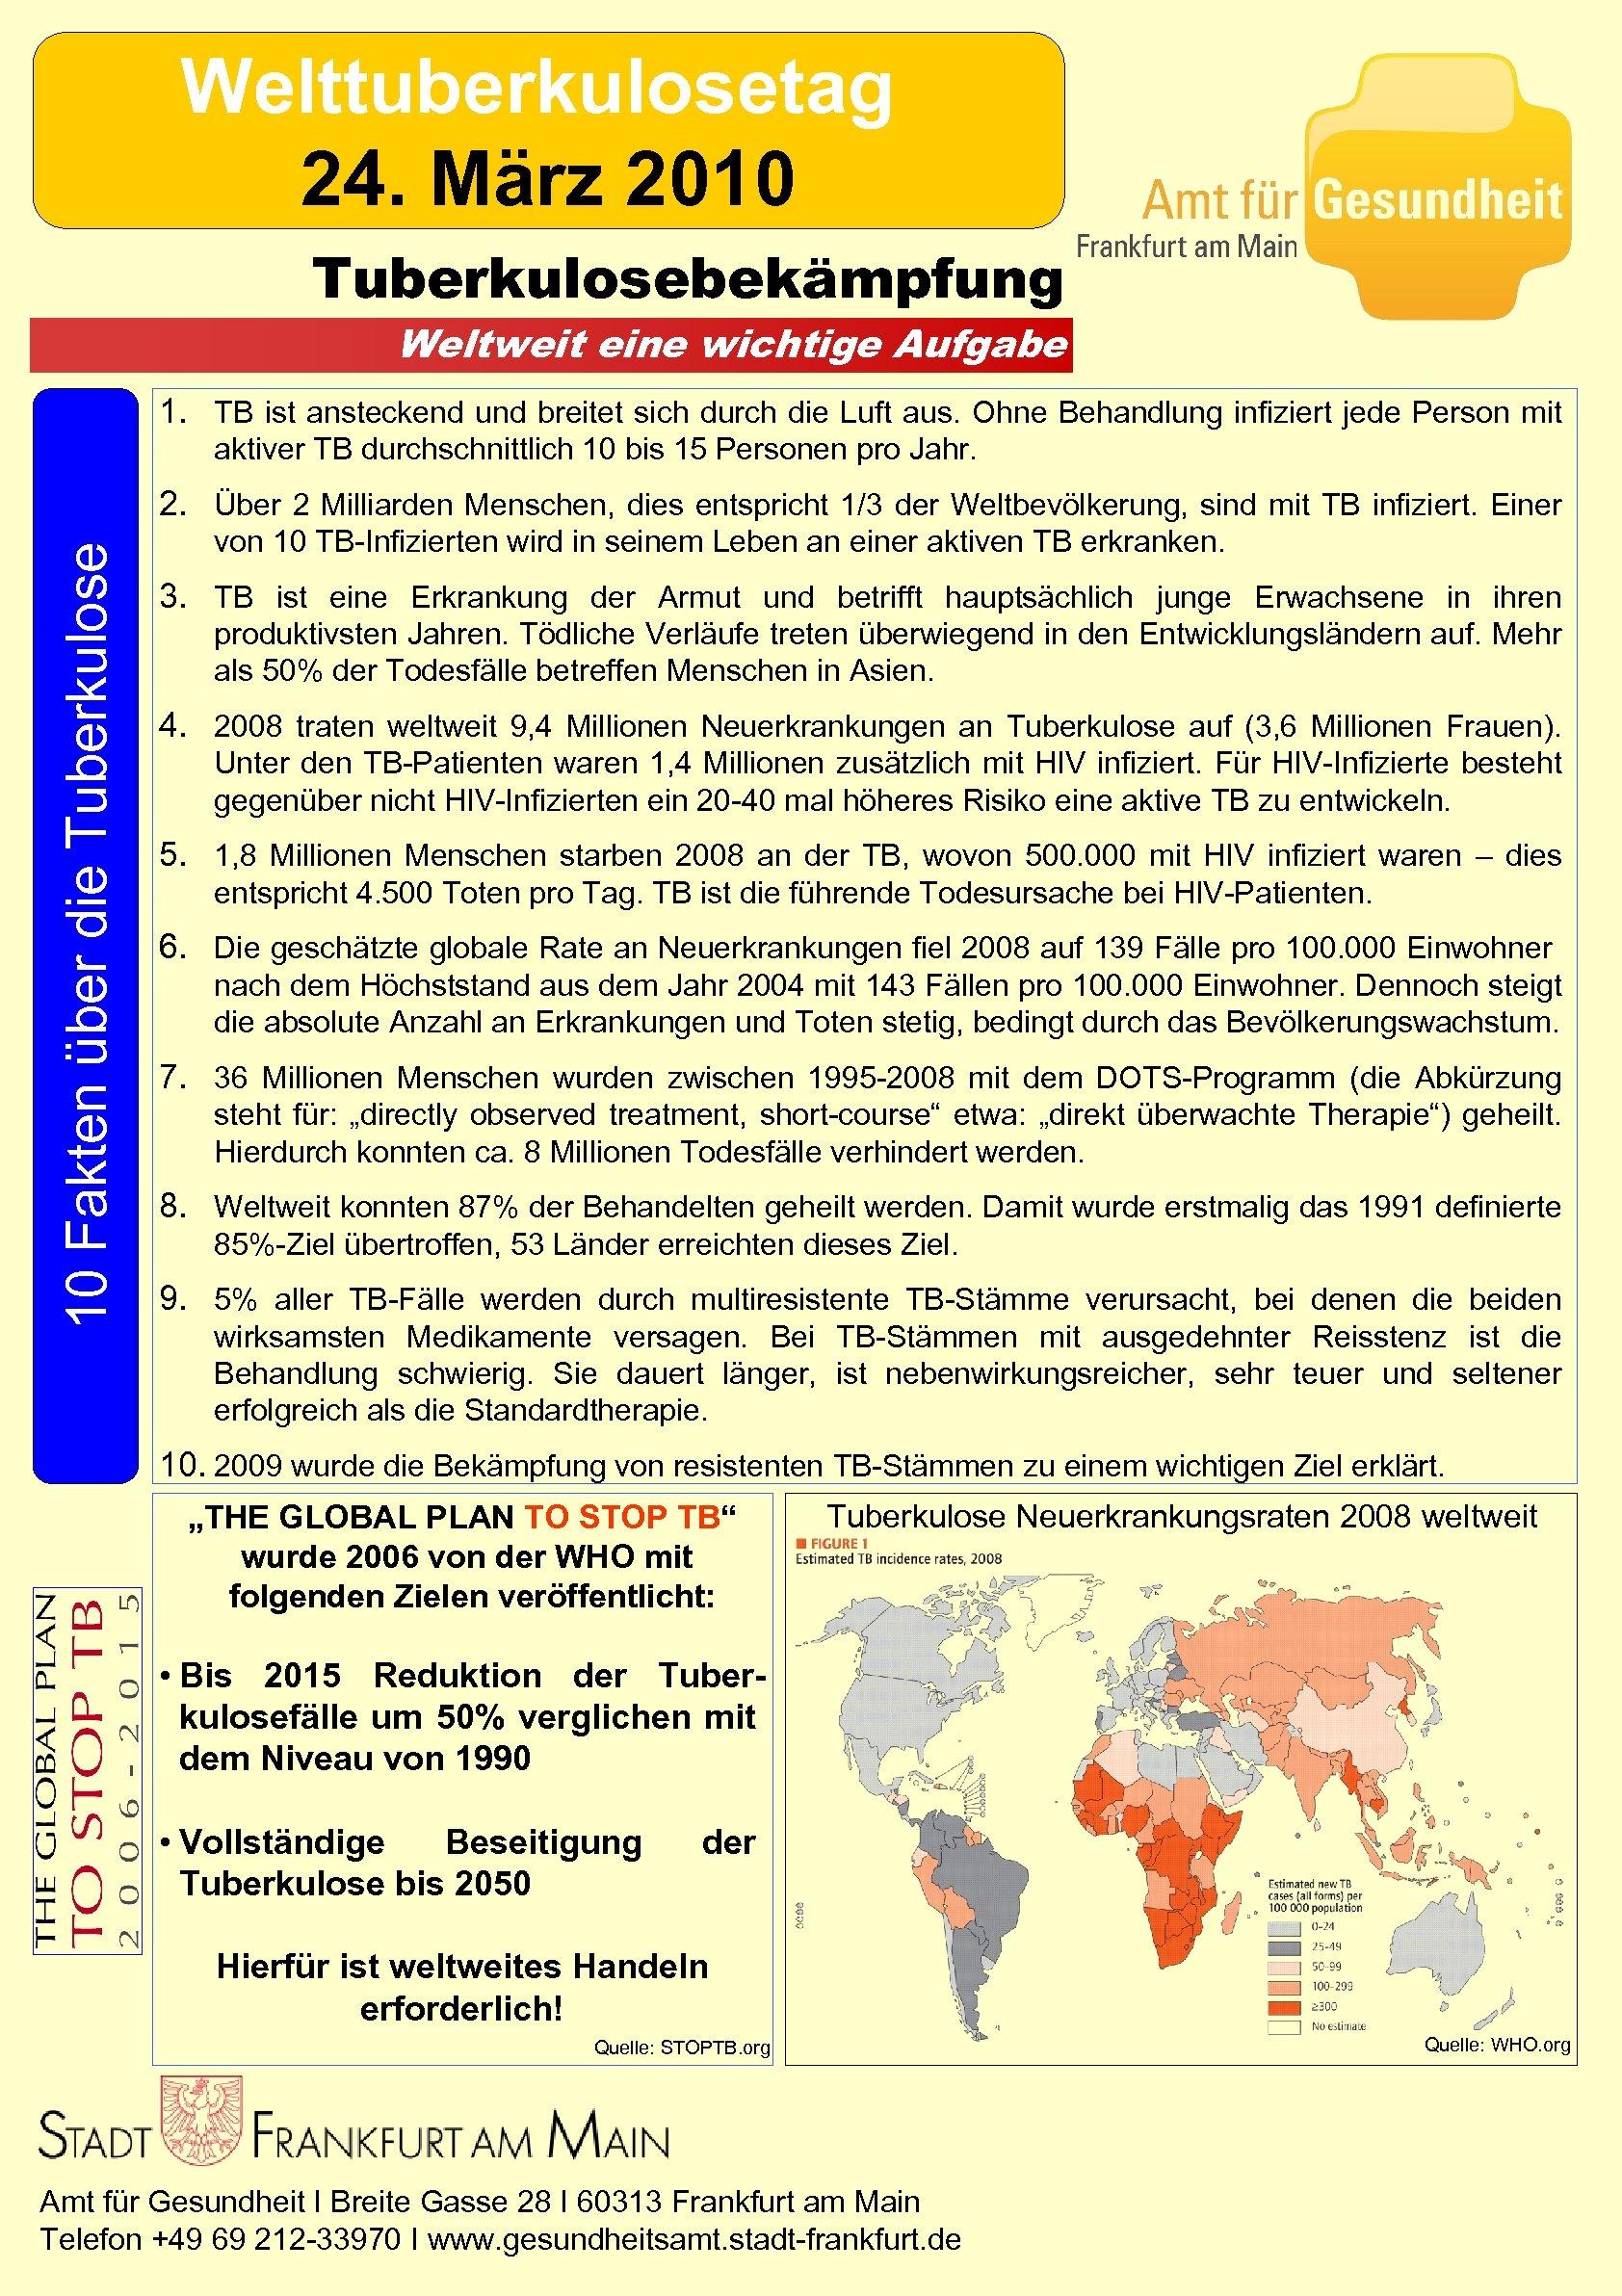 Welttuberkulosetag 24. März 2010 Tuberkulosebekämpfung Weltweit eine wichtige Aufgabe 1. TB ist ansteckend und